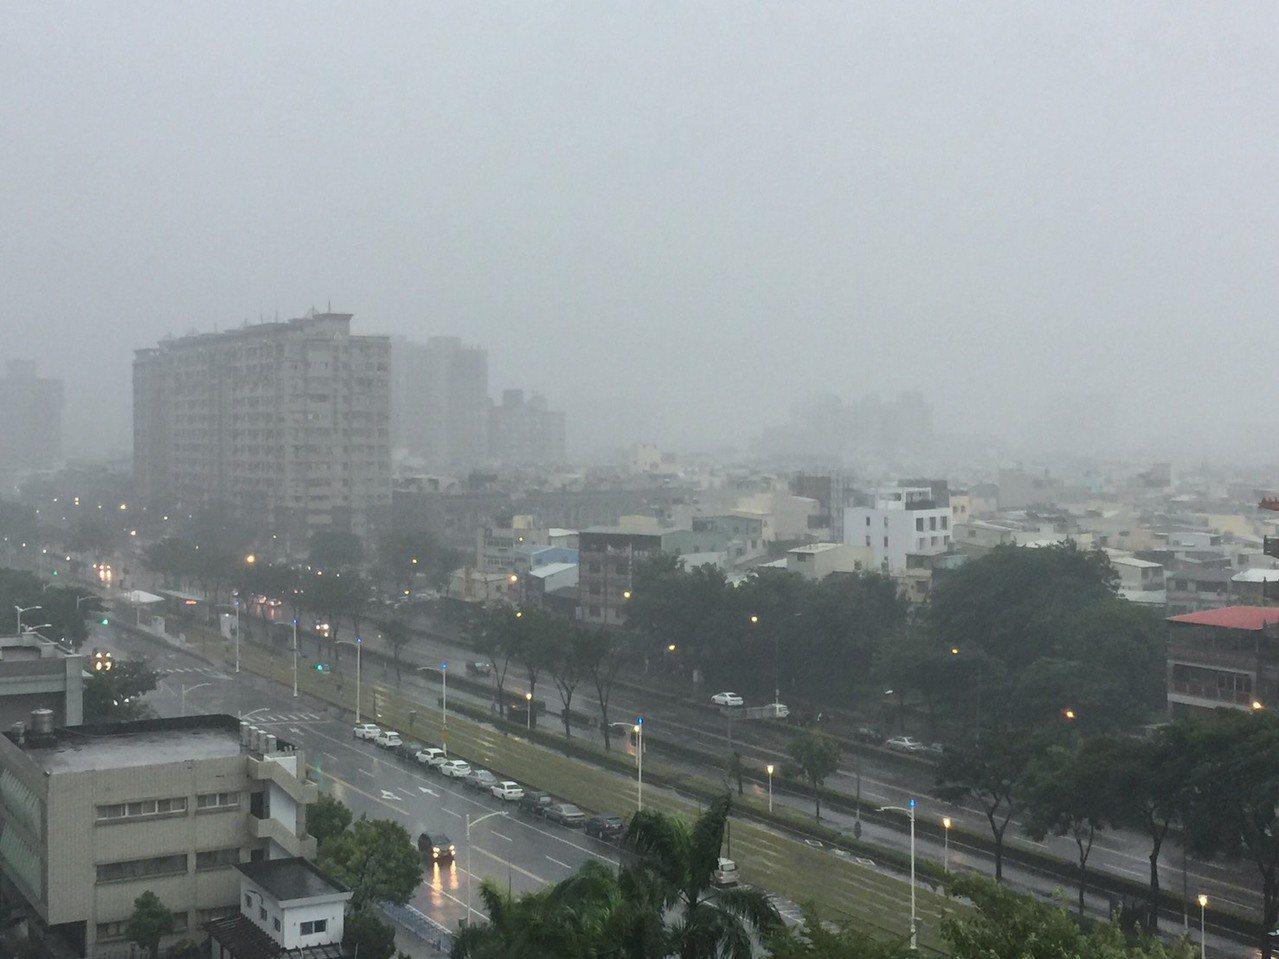 下午3時30分過後,高雄市區風雨加大。記者楊濡嘉/攝影